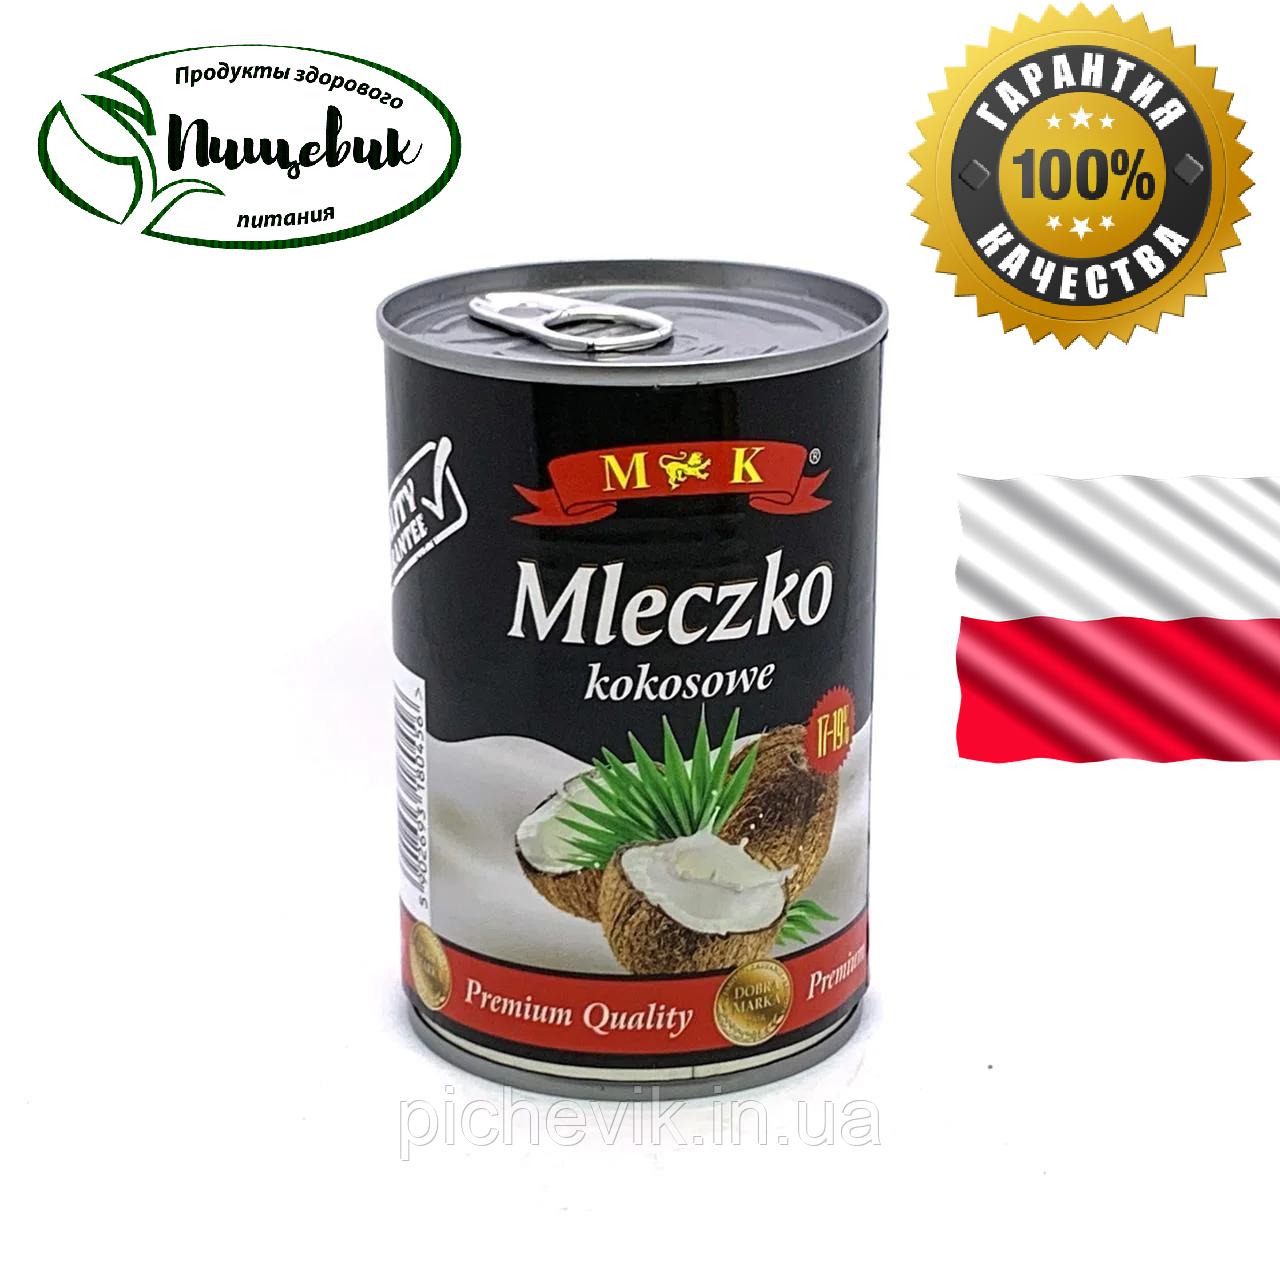 Кокосовое молоко M&K Mleczko kokosowe, (Польша) Обьем: 400 мл